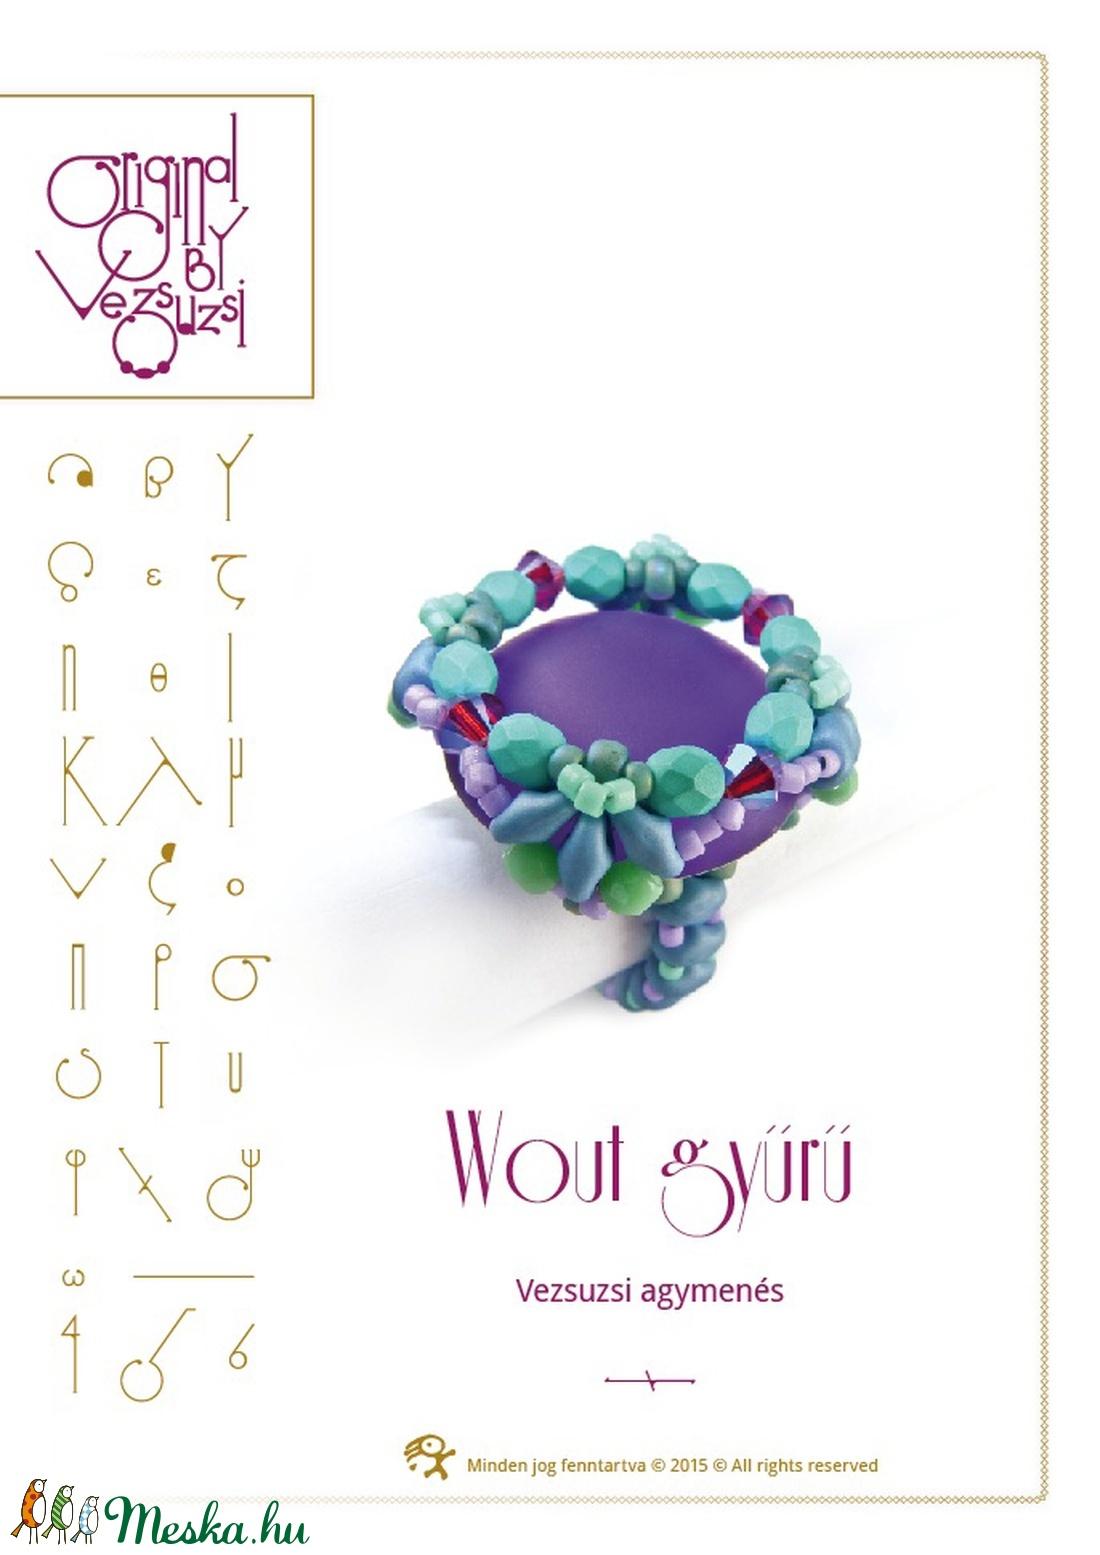 Wout gyűrű... minta egyéni felhasználásra (vezsuzsiminta) - Meska.hu